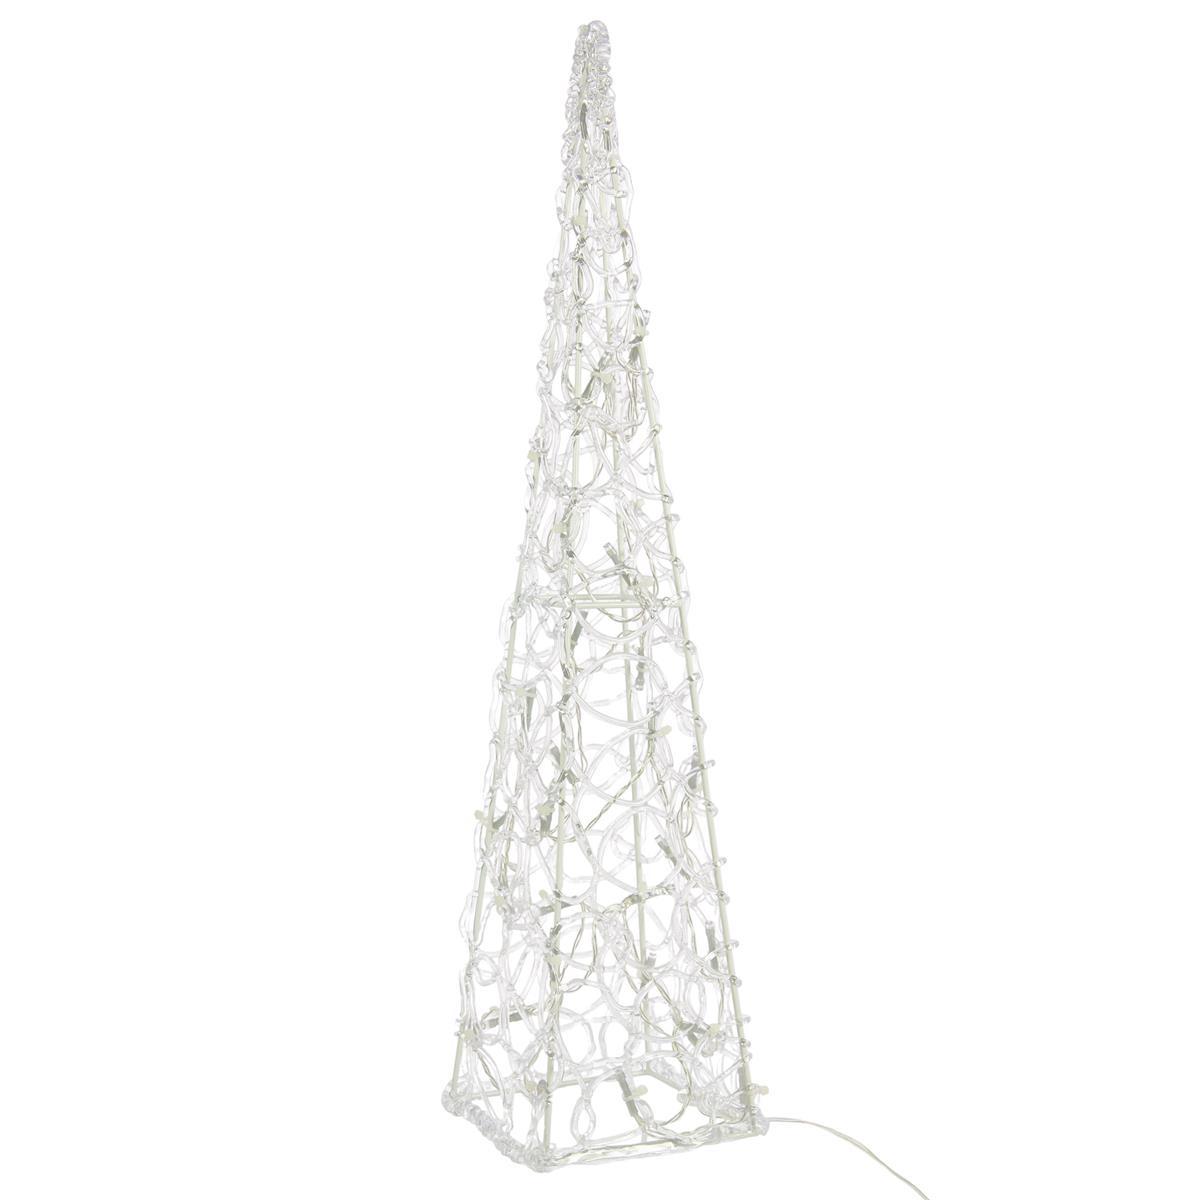 Lichterkegel Acryl beleuchtete Pyramide Lichtpyramide 30 LED weiß 60 cm Trafo Timer